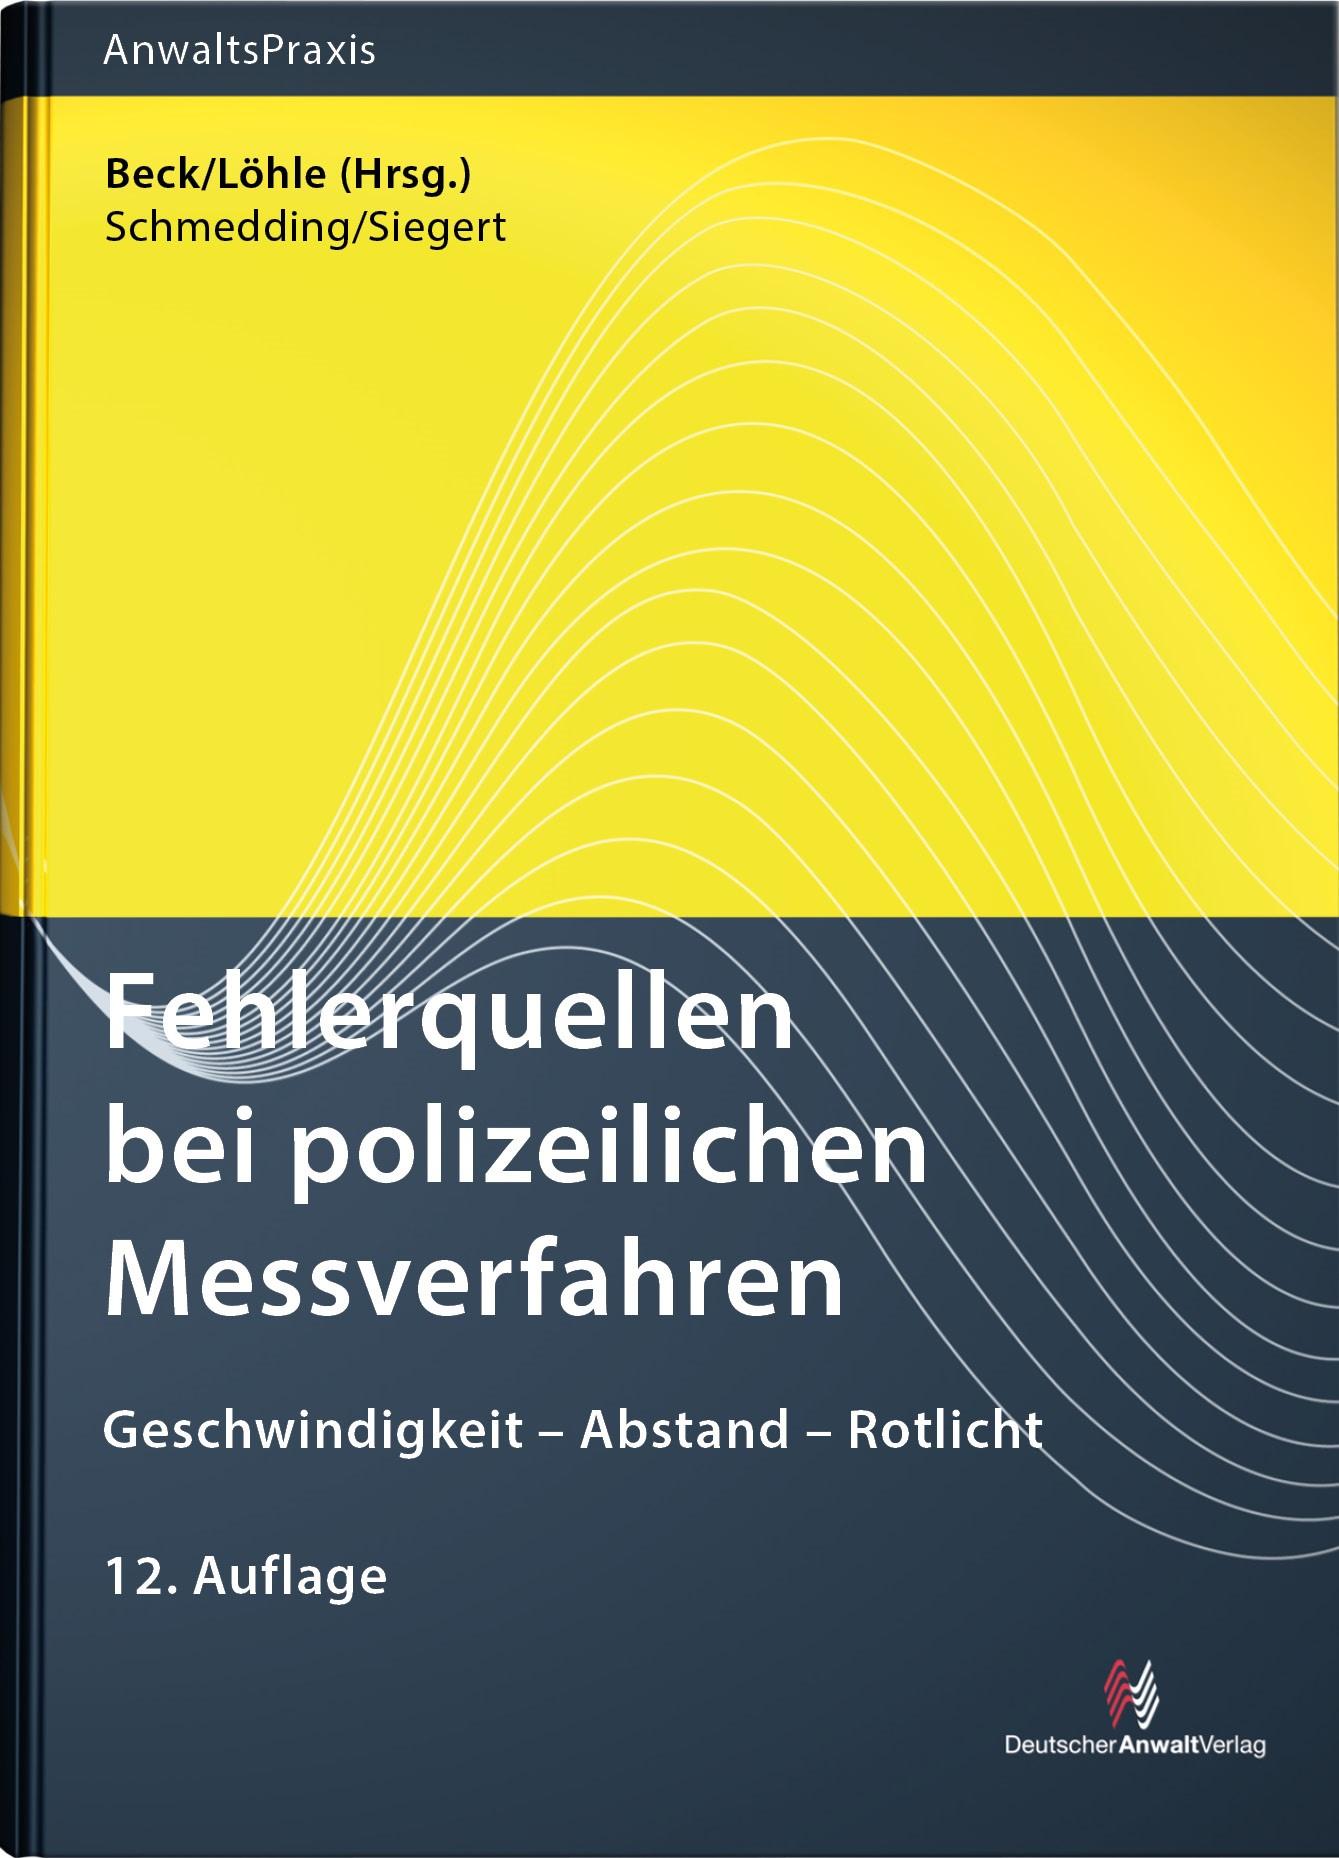 Fehlerquellen bei polizeilichen Messverfahren | Beck / Löhle (Hrsg.) | 12. Auflage, 2018 | Buch (Cover)